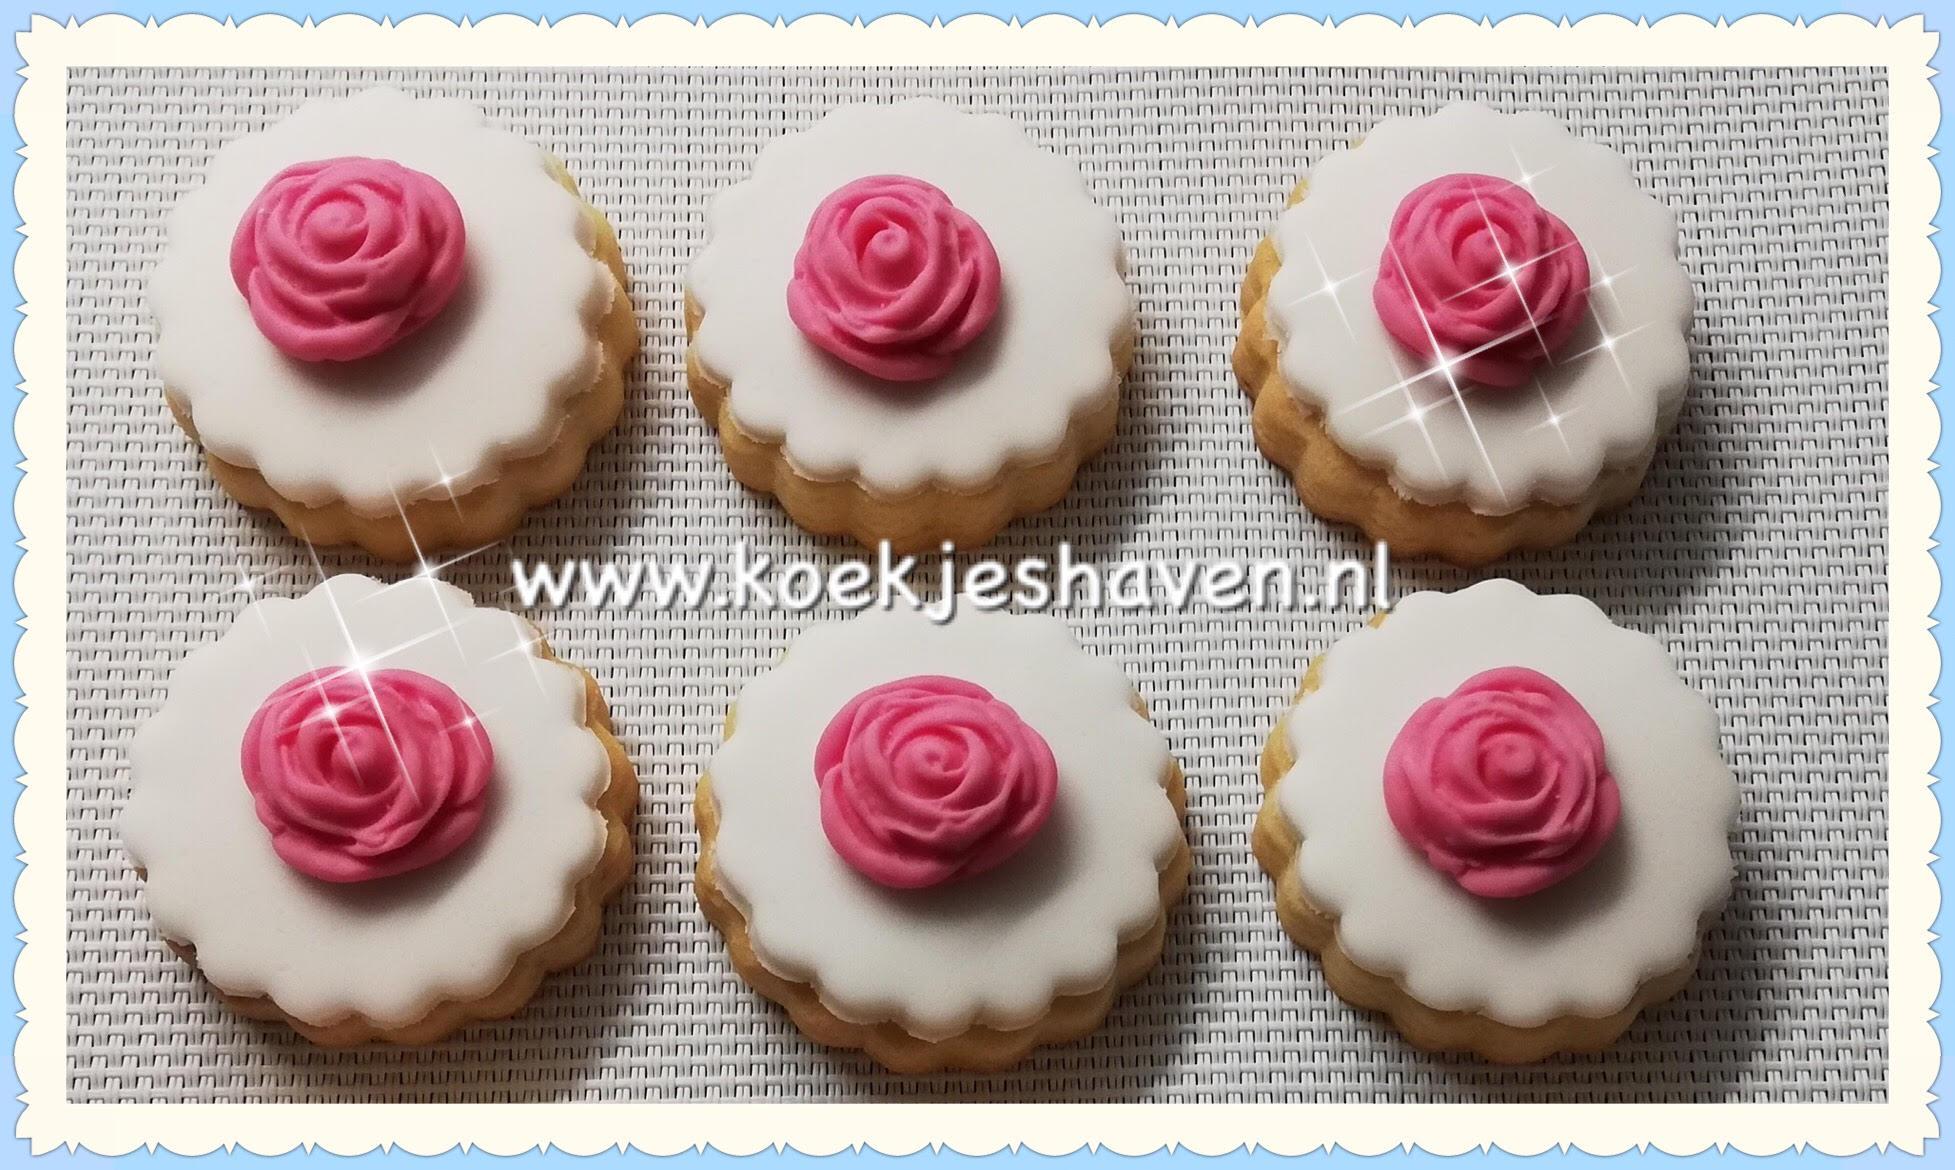 Minikoekjes - bloemen